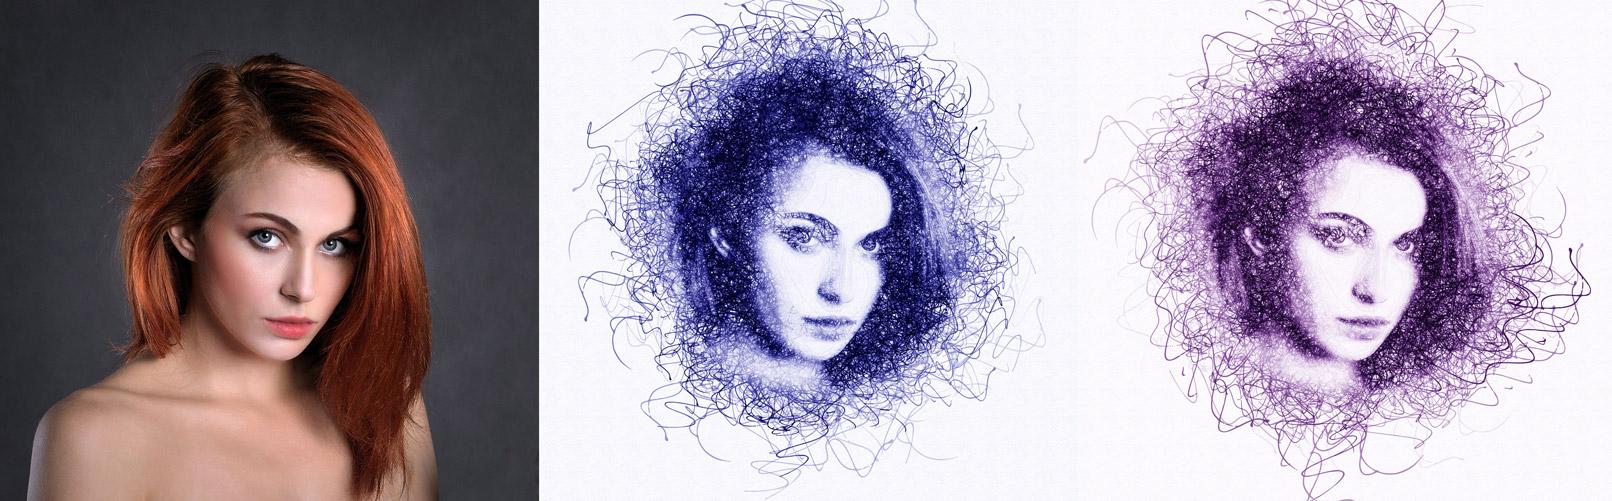 Porträt einer Frau im Sketch-Look, erstellt mit Photoshop-Aktion